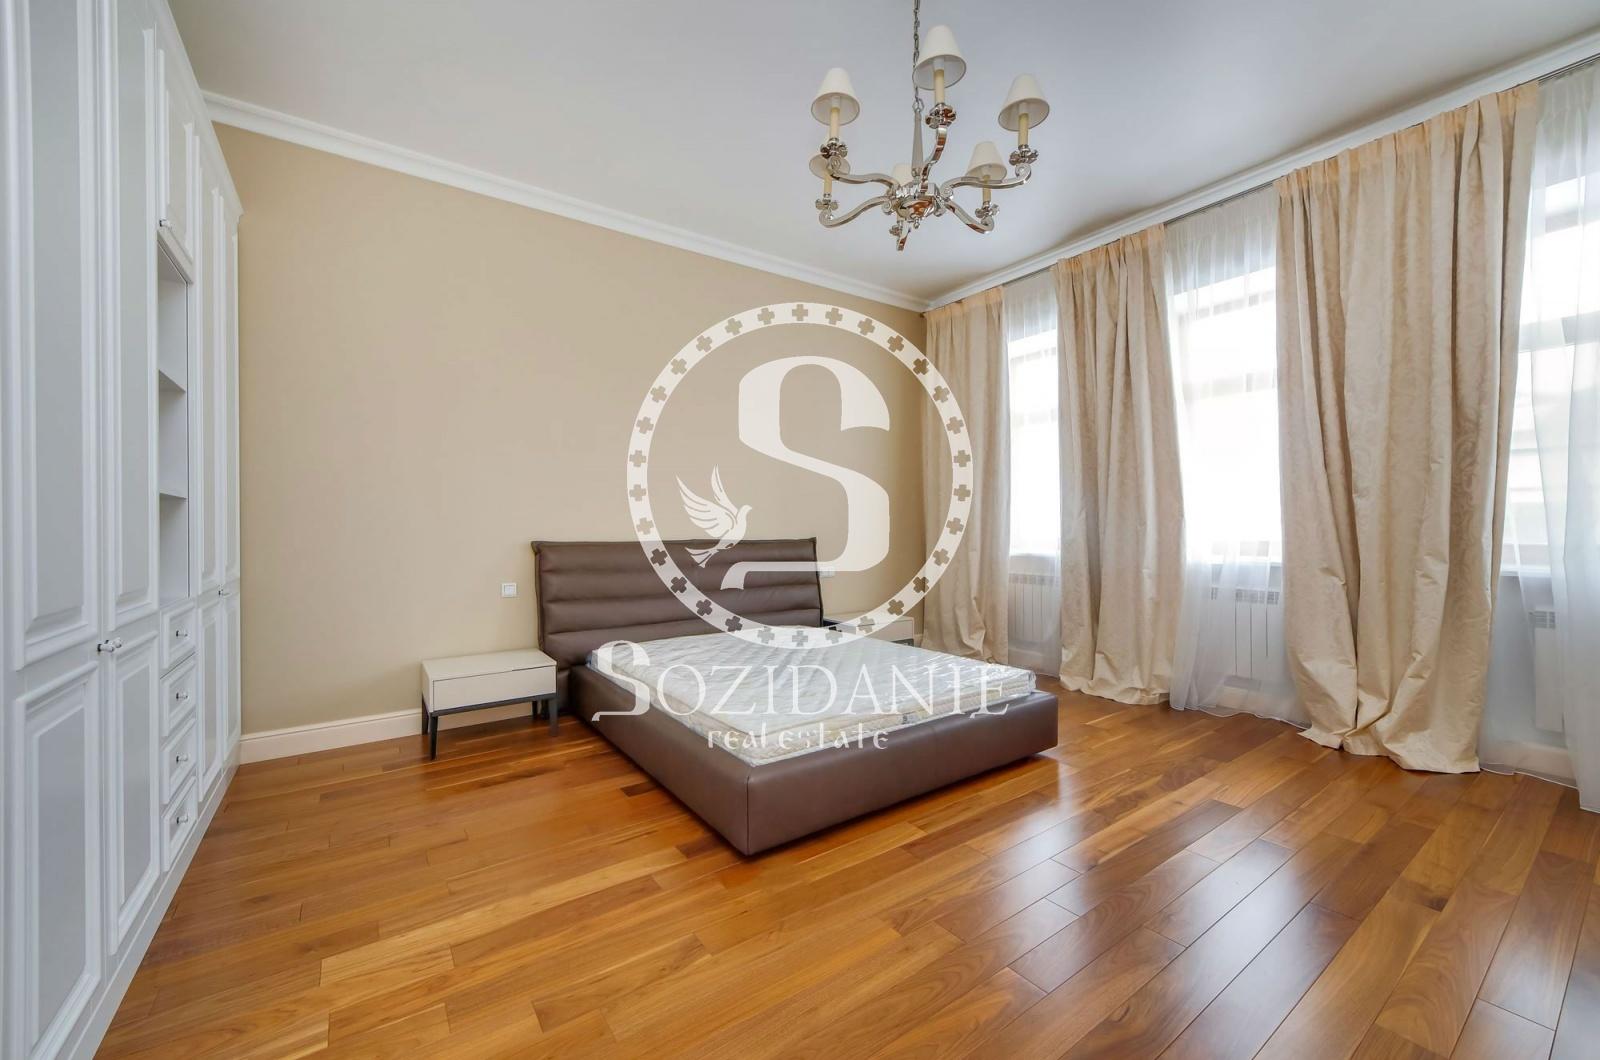 4 Bedrooms, Загородная, Продажа, Listing ID 3541, Московская область, Россия,